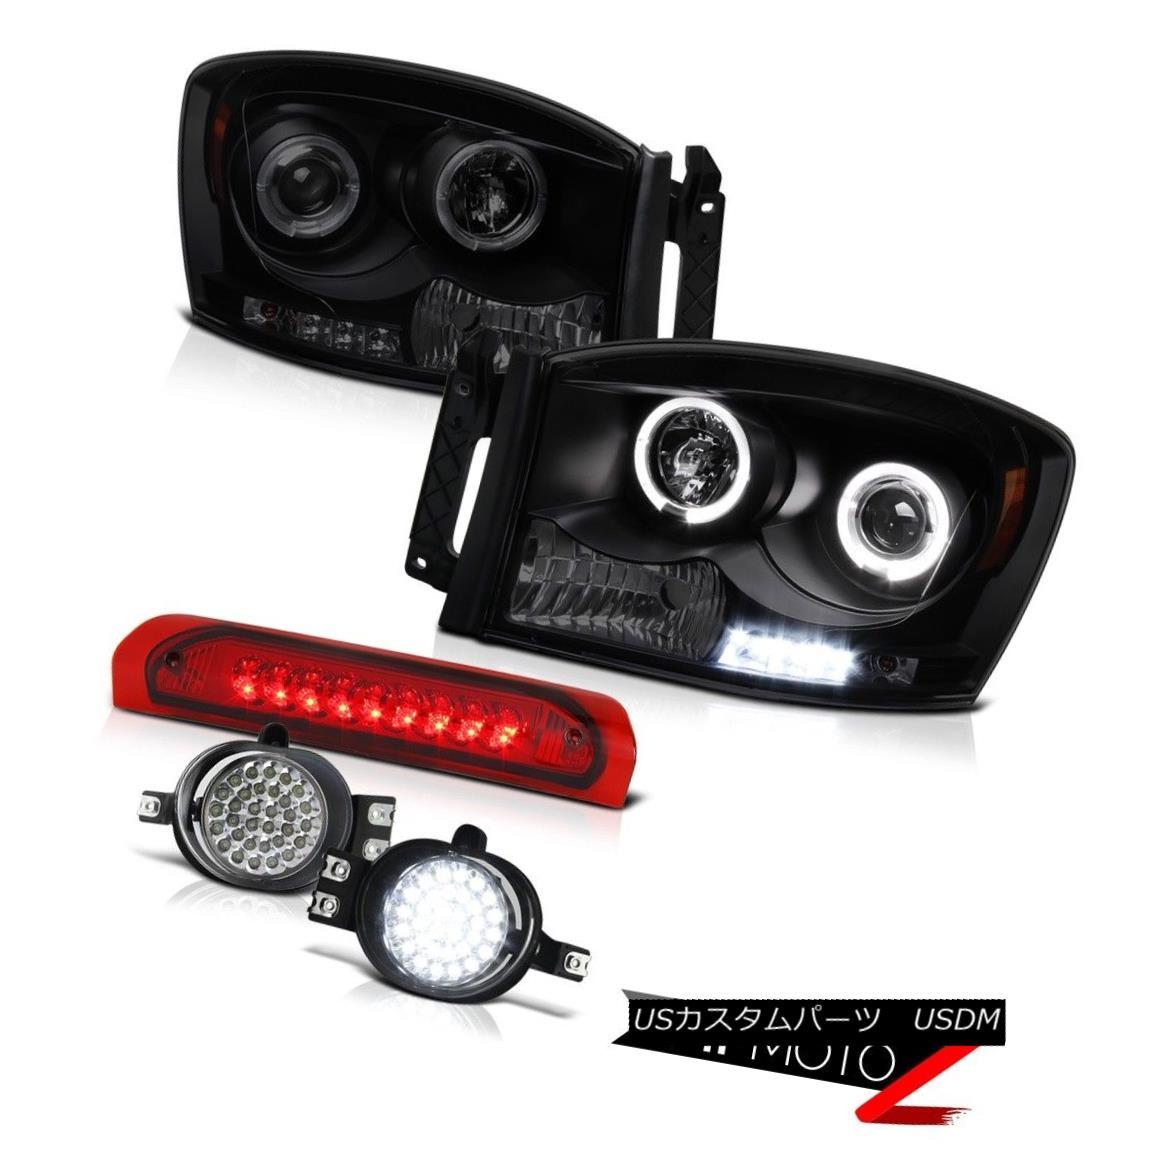 ヘッドライト 06 Dodge Ram Laramie LED Daytime Headlight Third Brake Light FULL SMD Fog Lamps 06ドッジラムララミーLED昼間ヘッドライト第3ブレーキライトFULL SMDフォグランプ